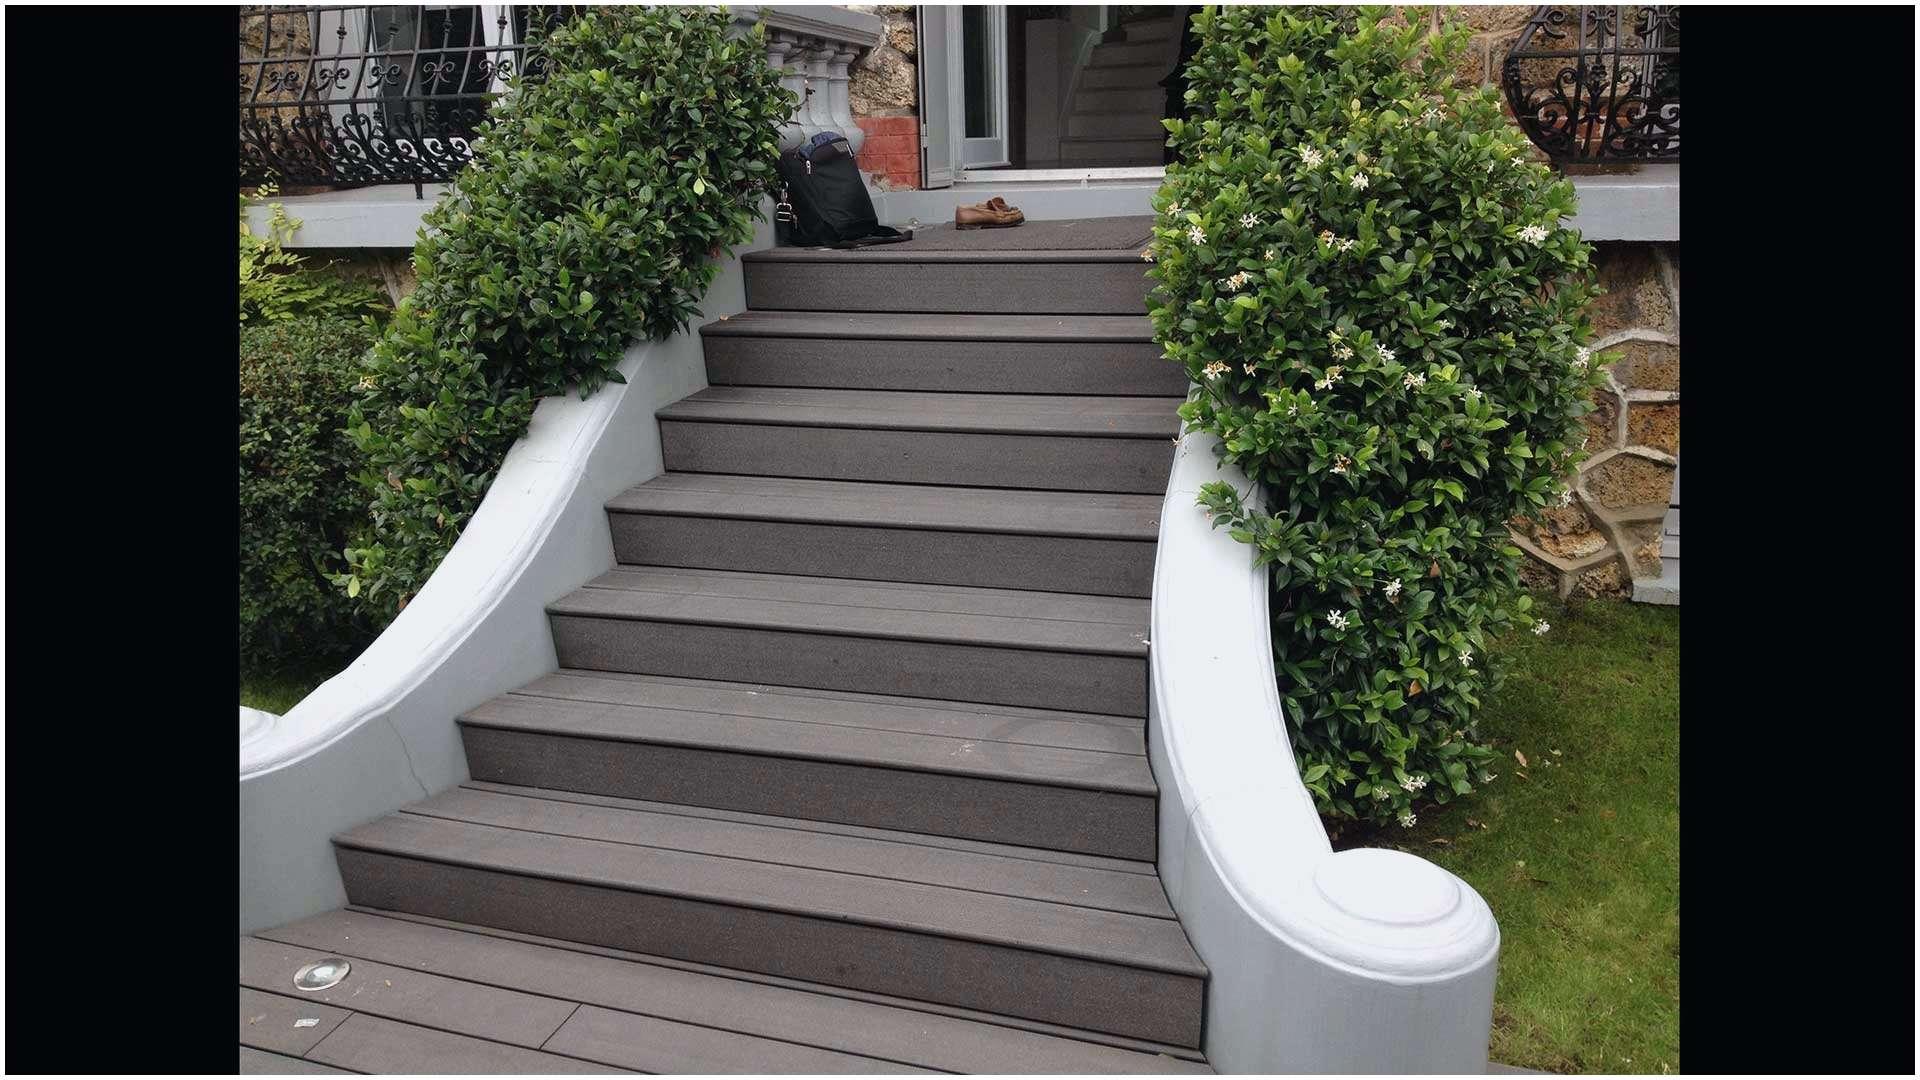 Idee De Terrasse Exterieur Élégant Carrelage Antiderapant Pour Escalier Exterieur Novo P | Salon ...